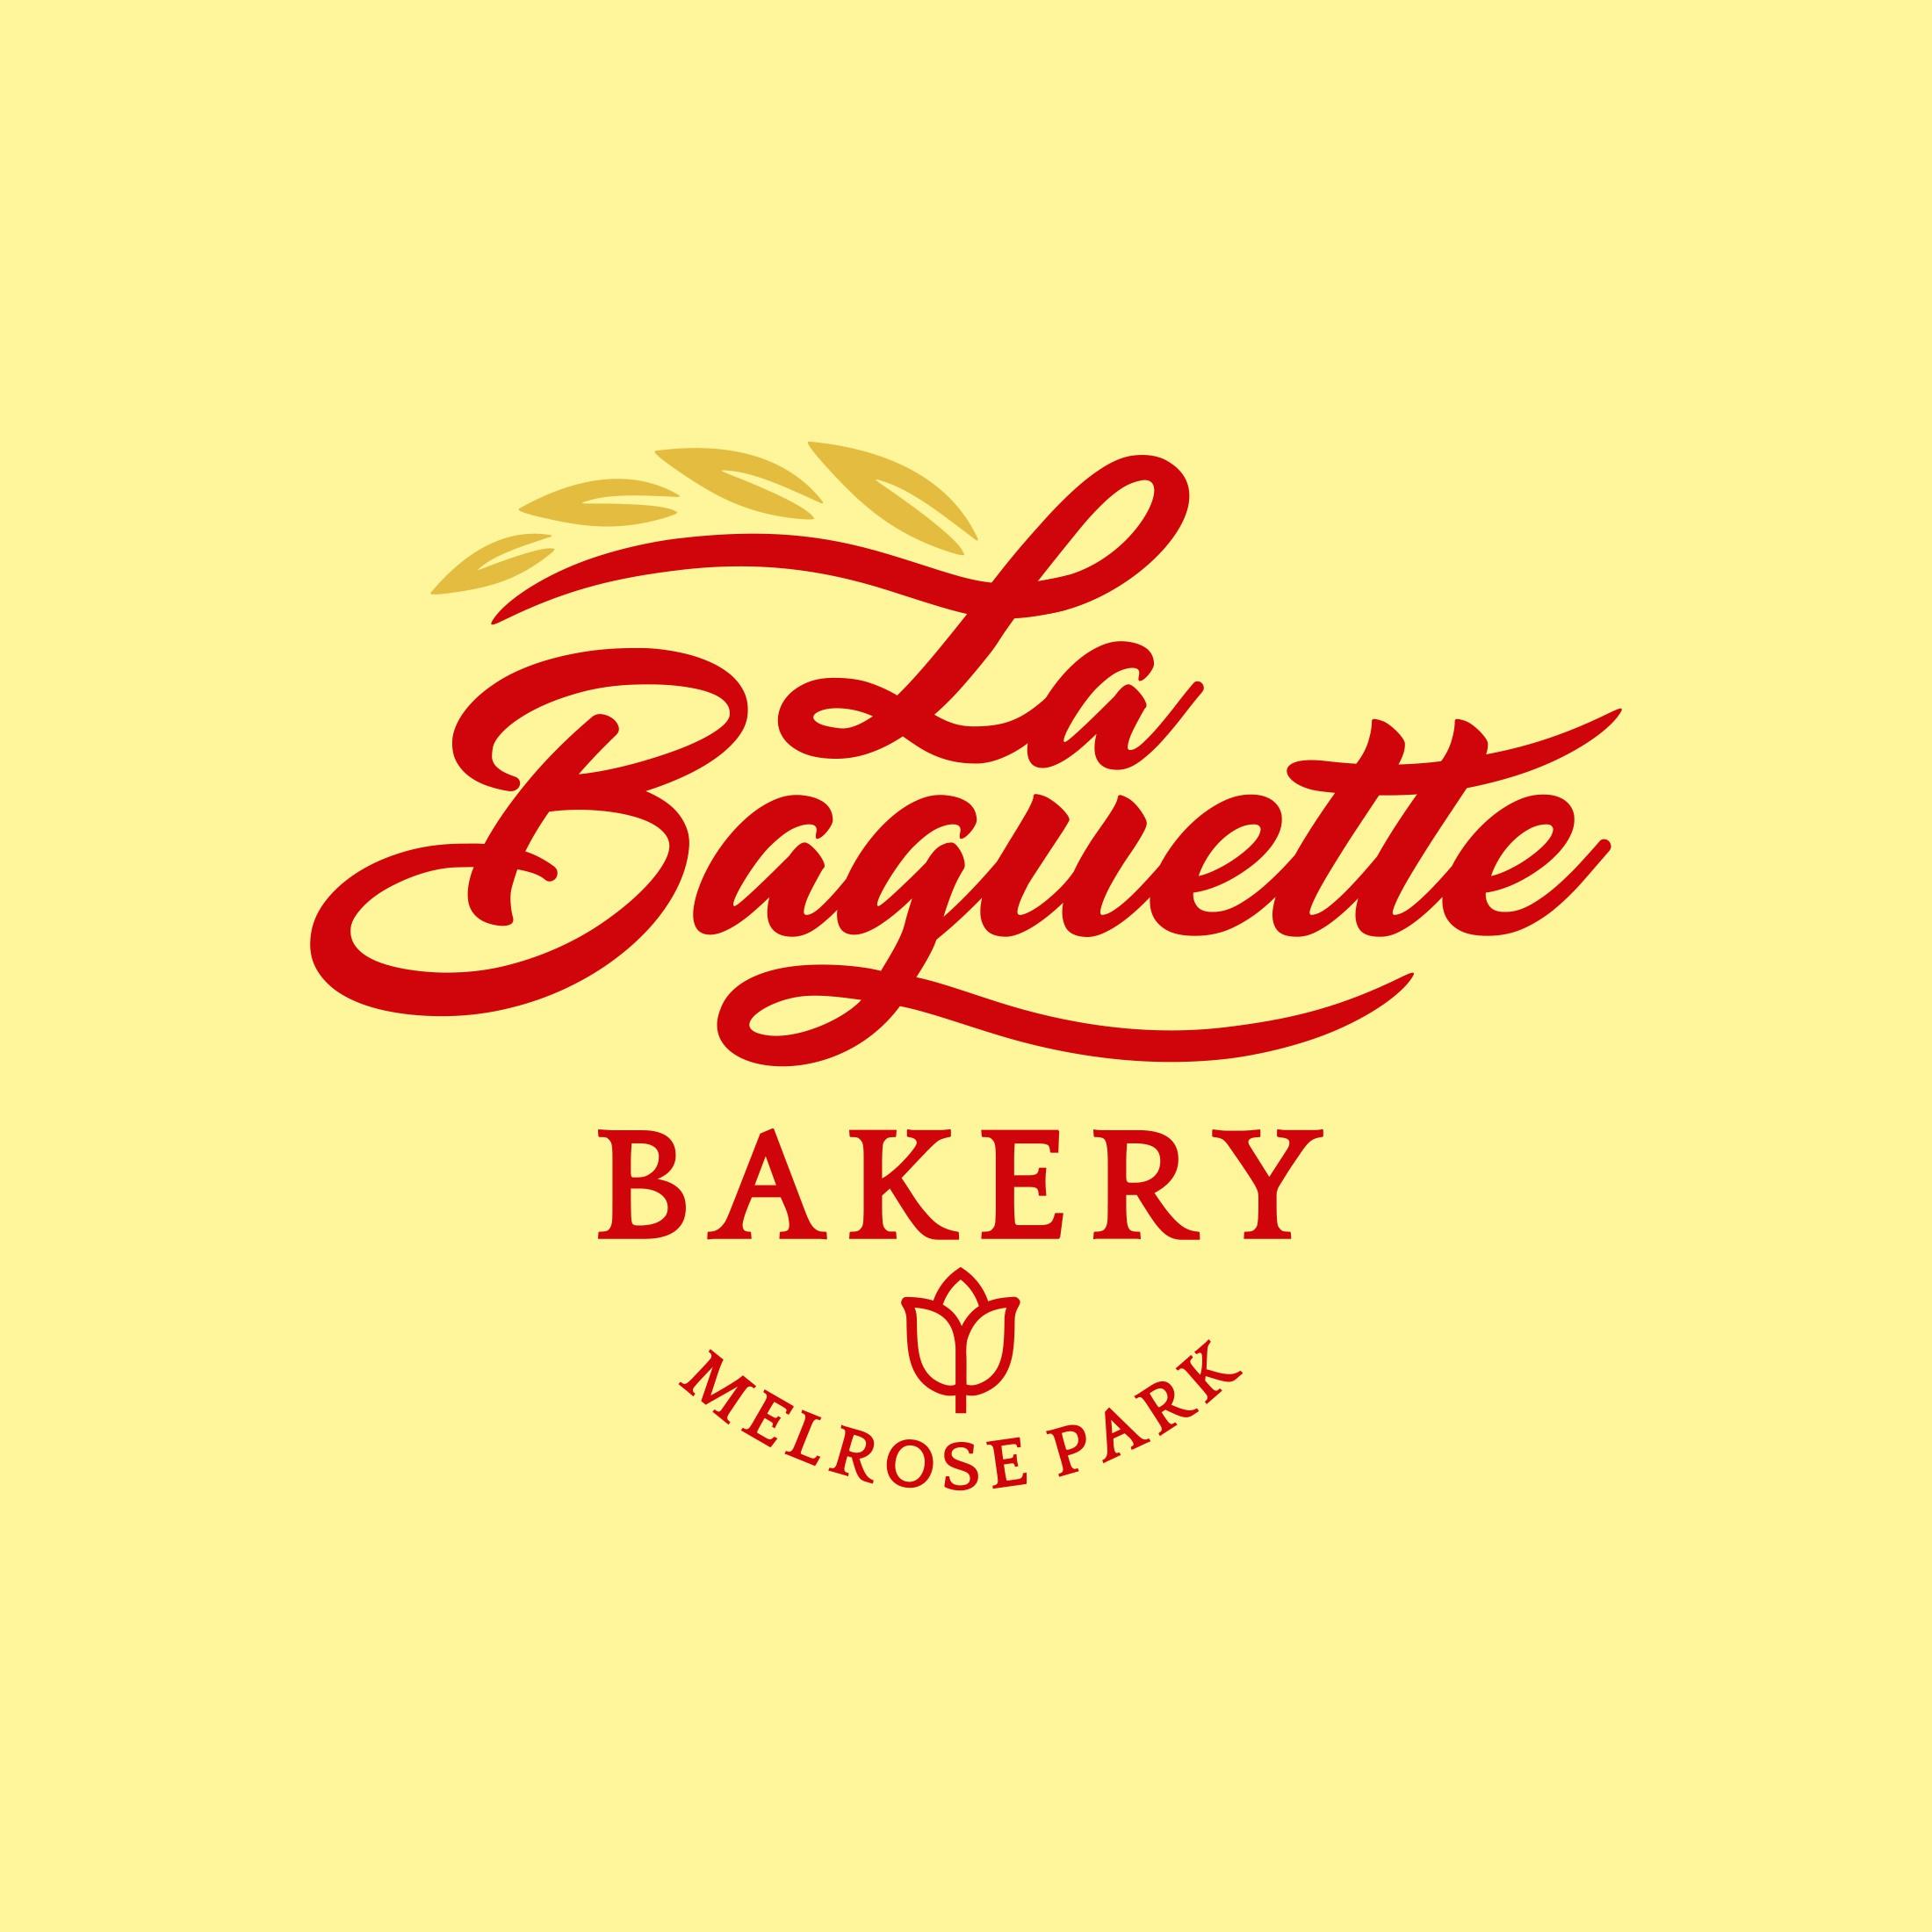 La Baguette Bakery (Melrose Park)